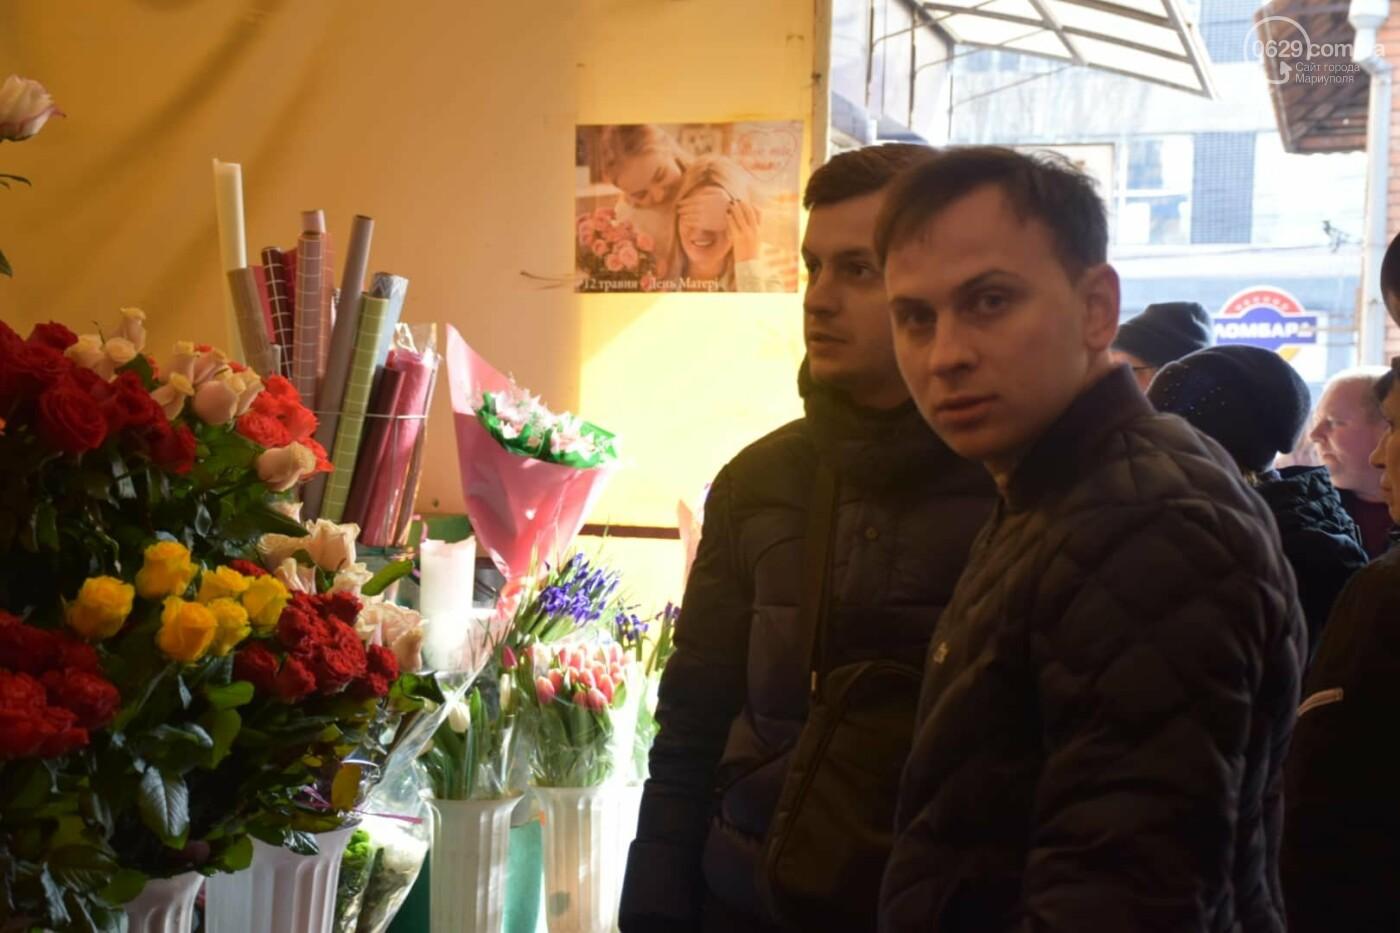 День Святого Валентина в Мариуполе: цветы, шары и мужчины-романтики, - ФОТОРЕПОРТАЖ, фото-10